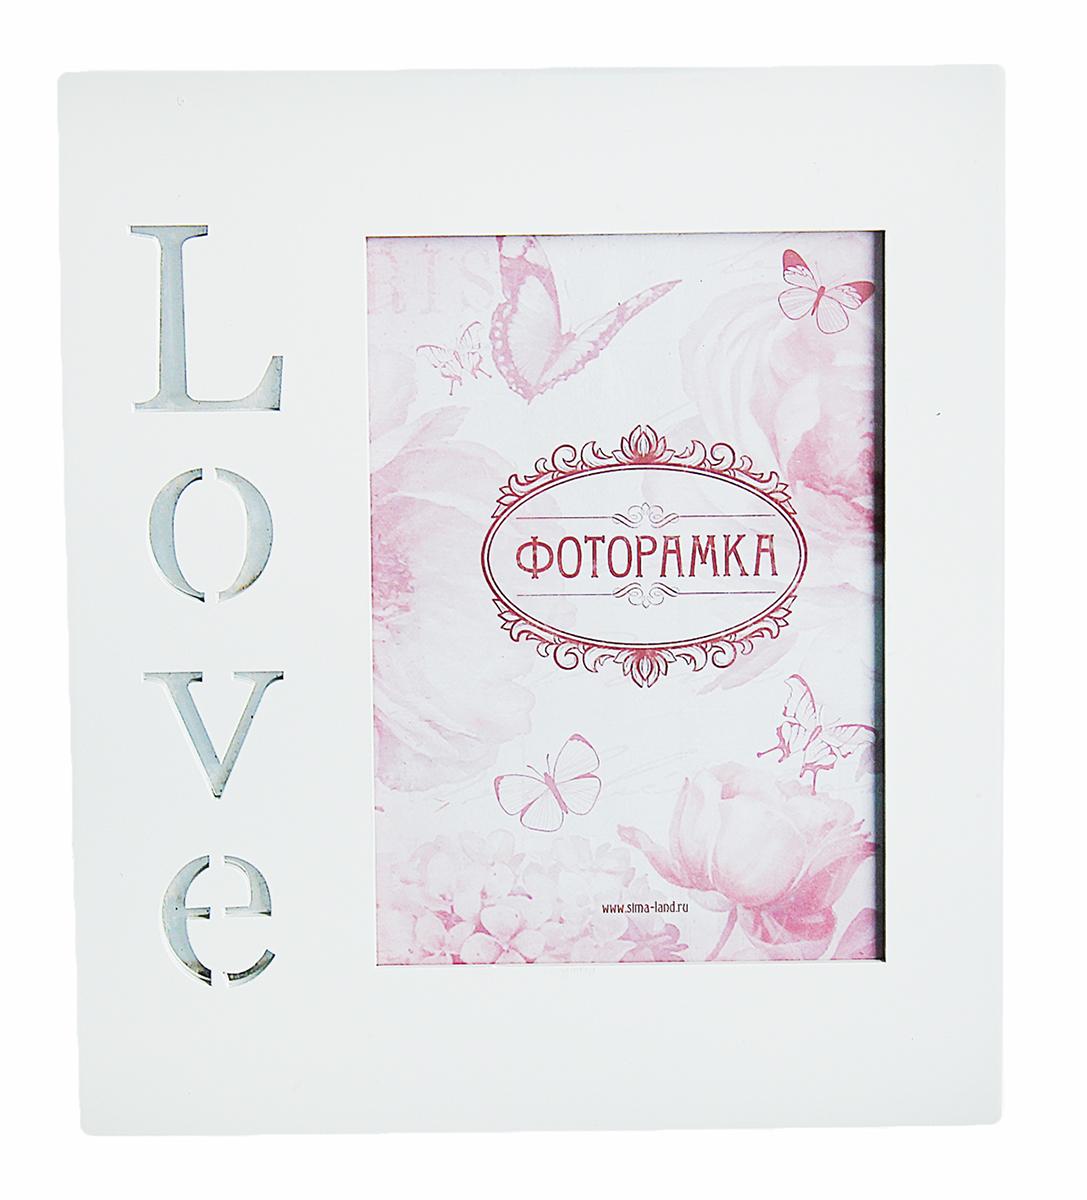 """Фоторамка 13х18 см """"Любовь - это зеркало"""" — оставит в памяти самое важное, что хотелось бы сохранить на века. Просто поместите туда фотографию, поставьте на видное место и у вас обязательно вспыхнут теплые чувства. Такую фоторамку приятно получить в подарок от любимого человека на День святого Валентина, 8 марта, годовщину и другой значимый для Вас праздник."""